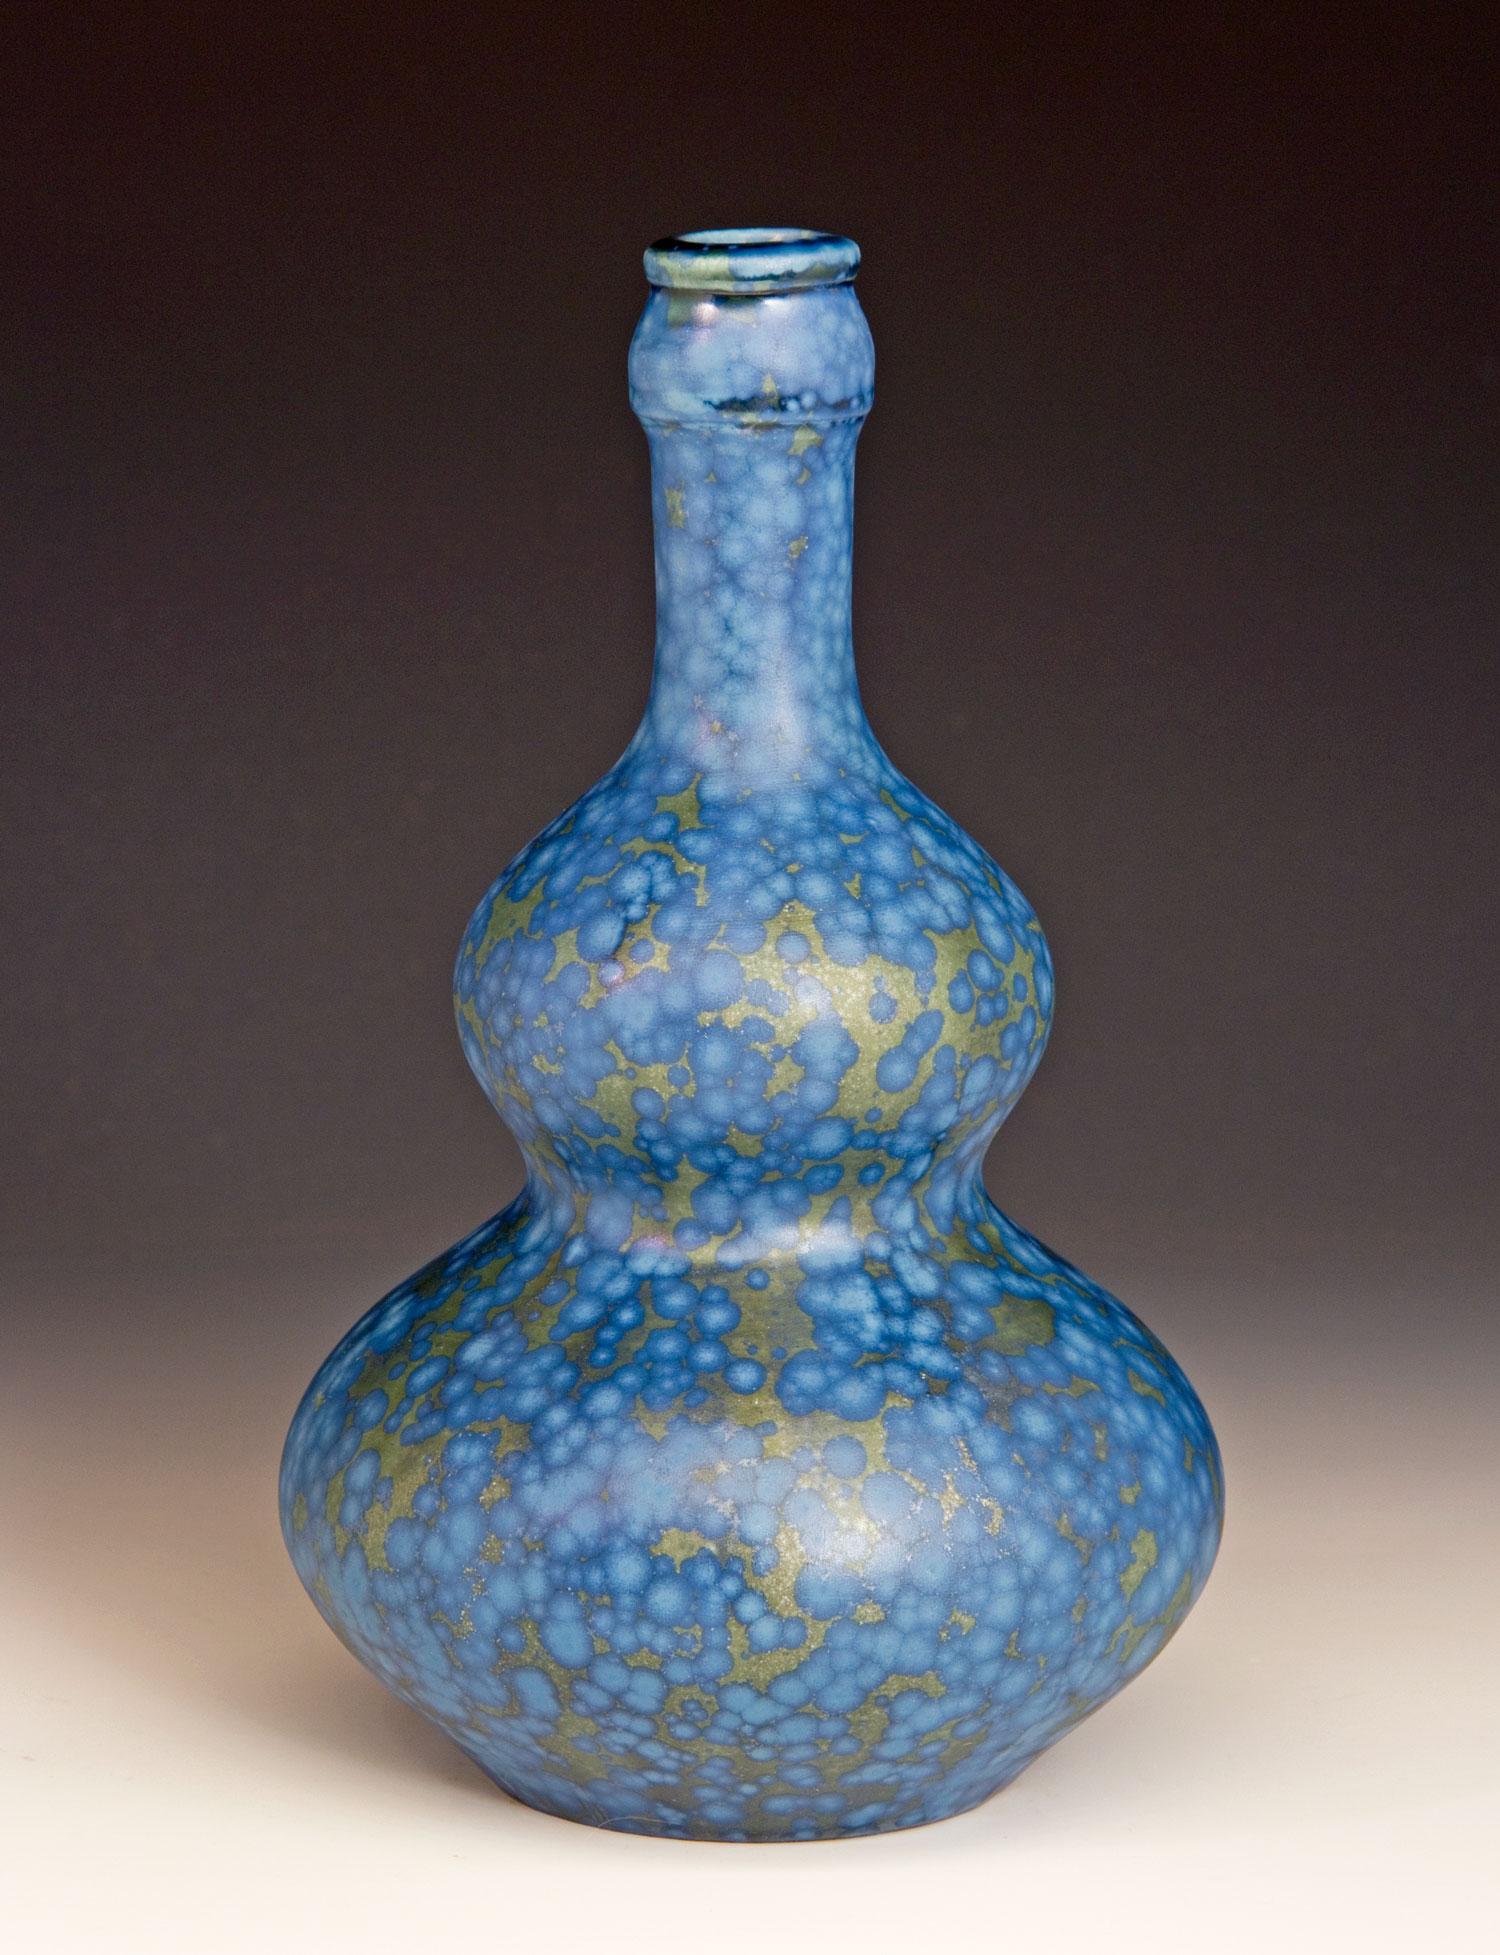 Gourd-Crystalline-Art-Pottery-Vase-Bruce-Gholson.jpg